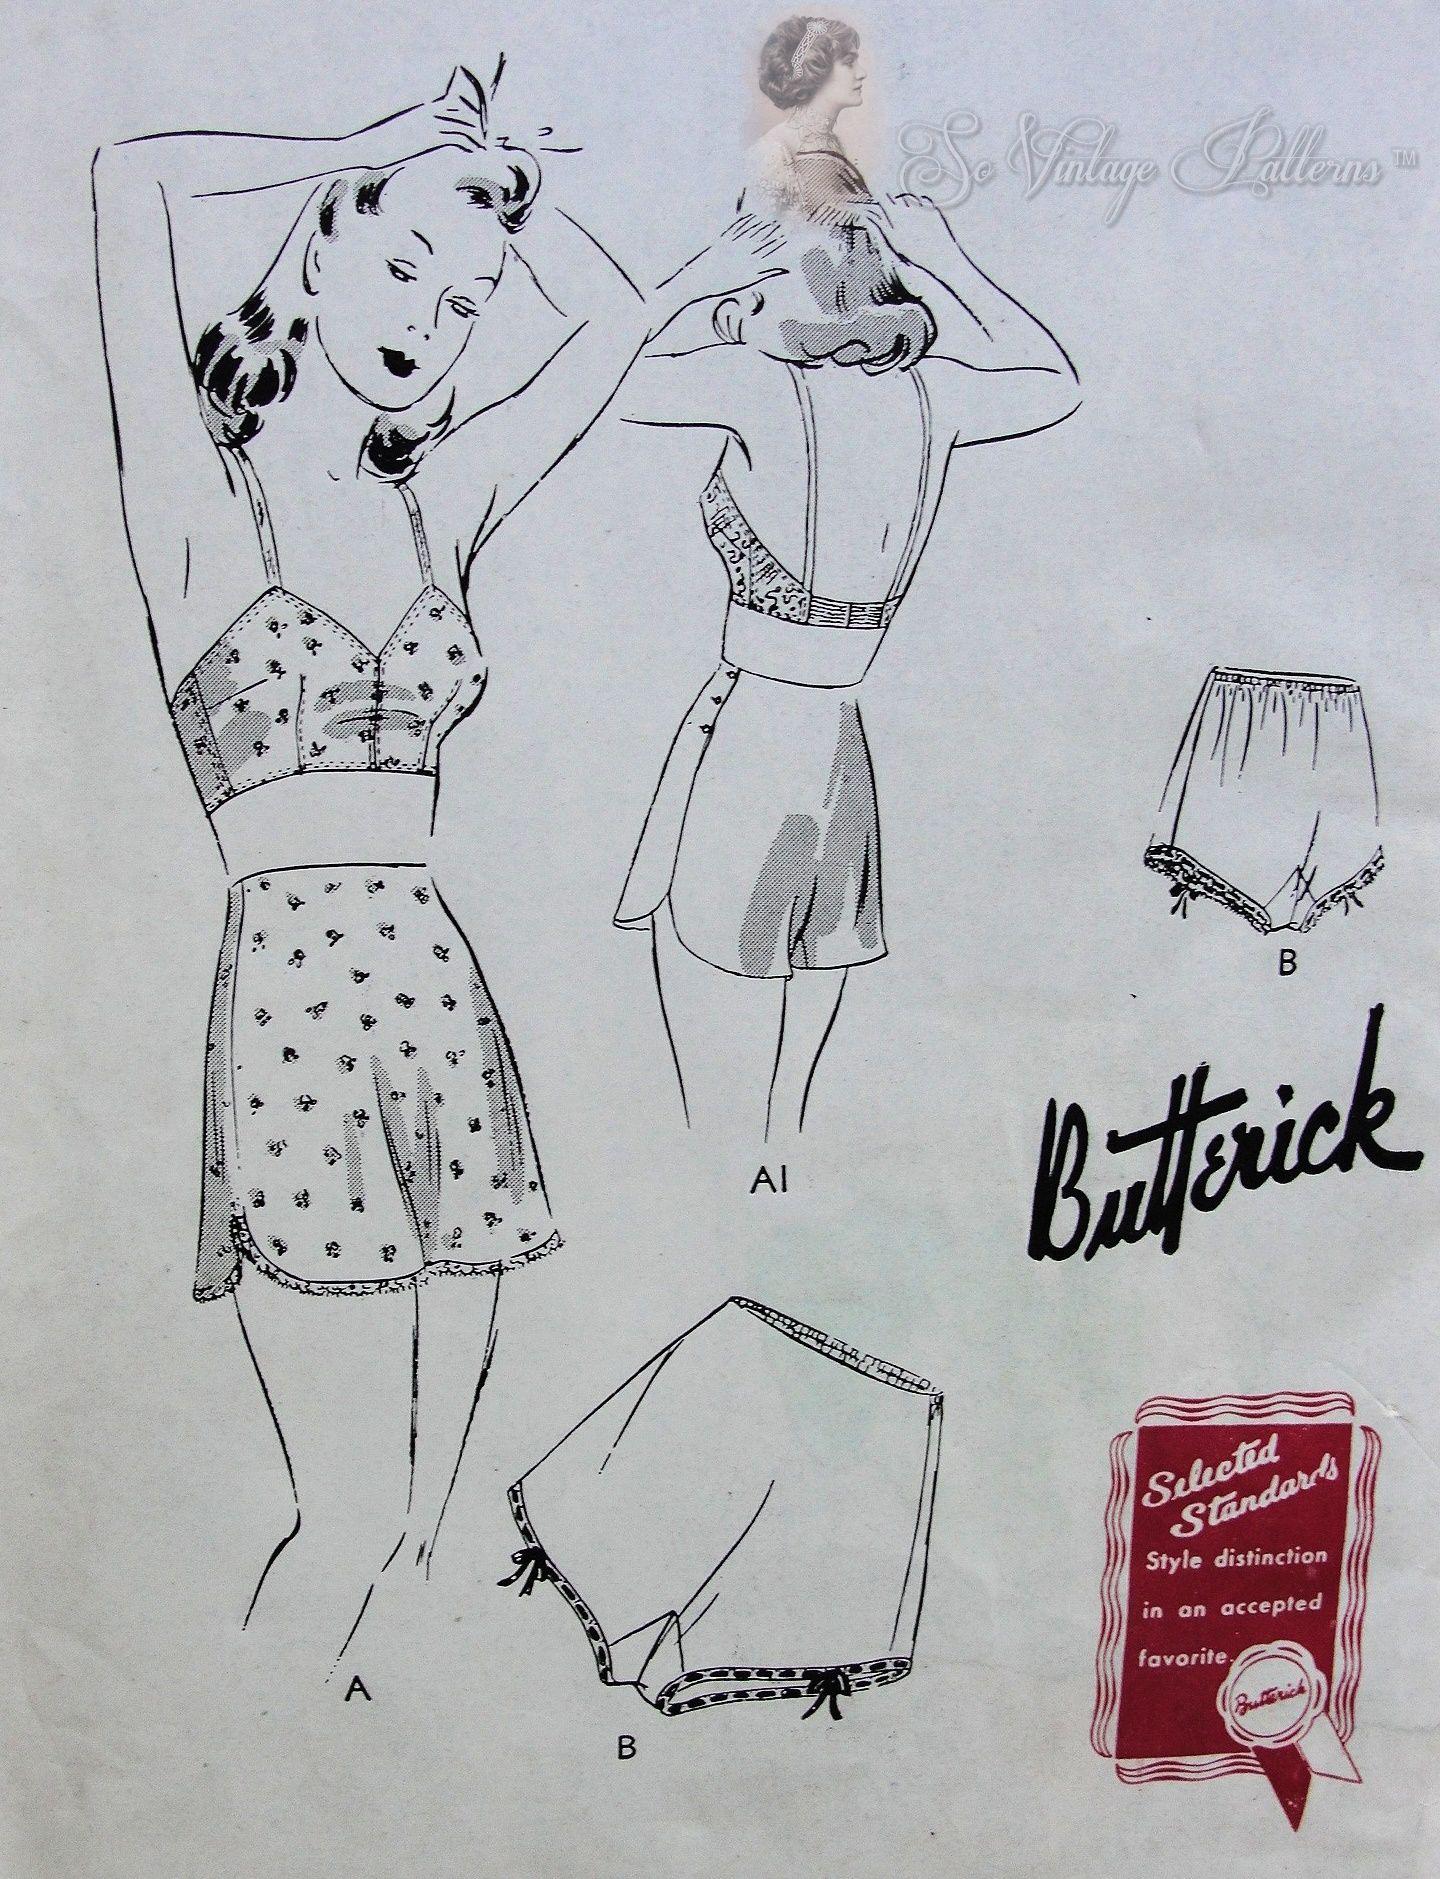 Butterick 9274 A